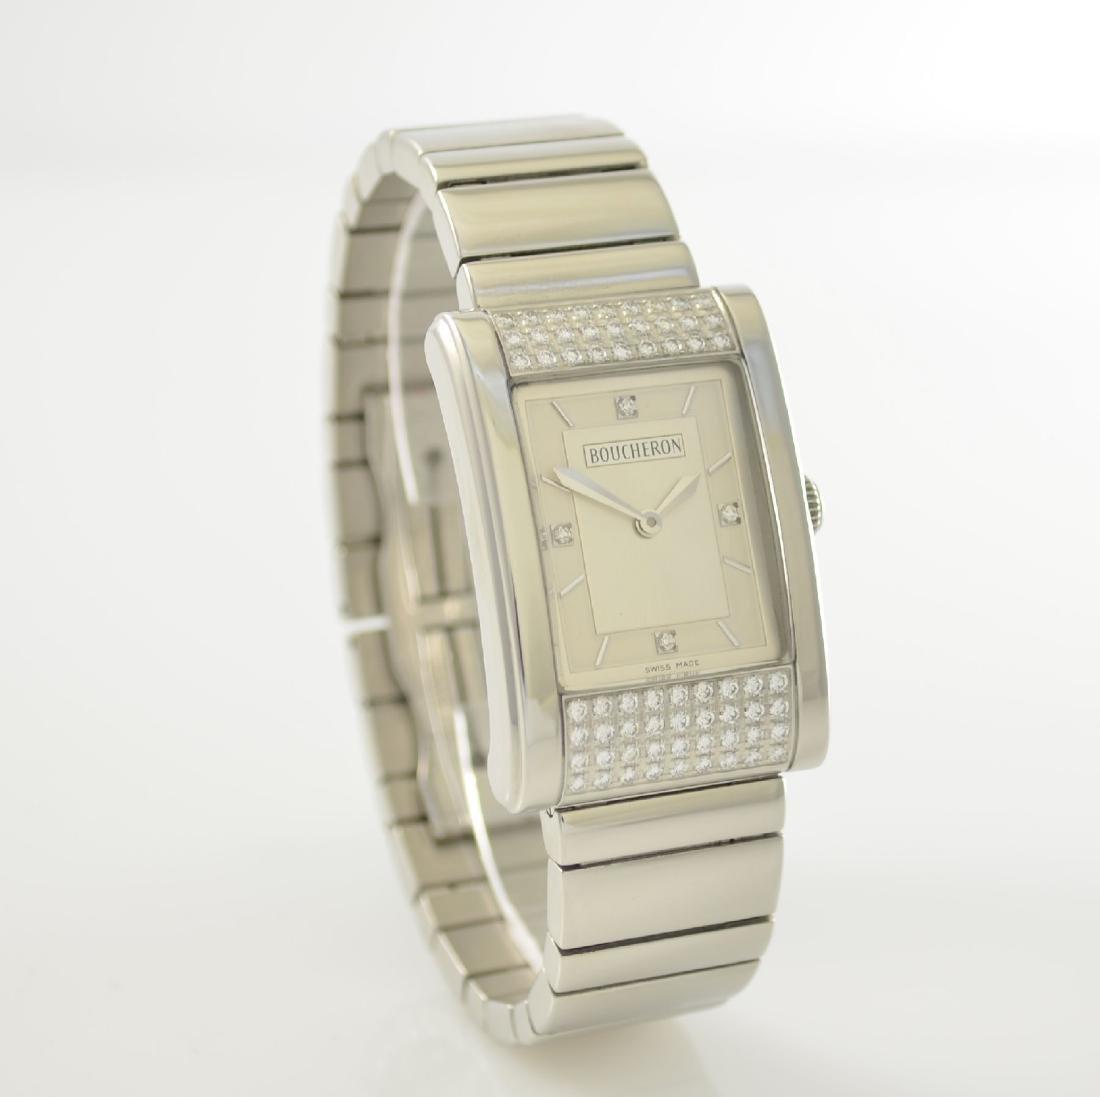 BOUCHERON ladies wristwatch series Reflet - 5